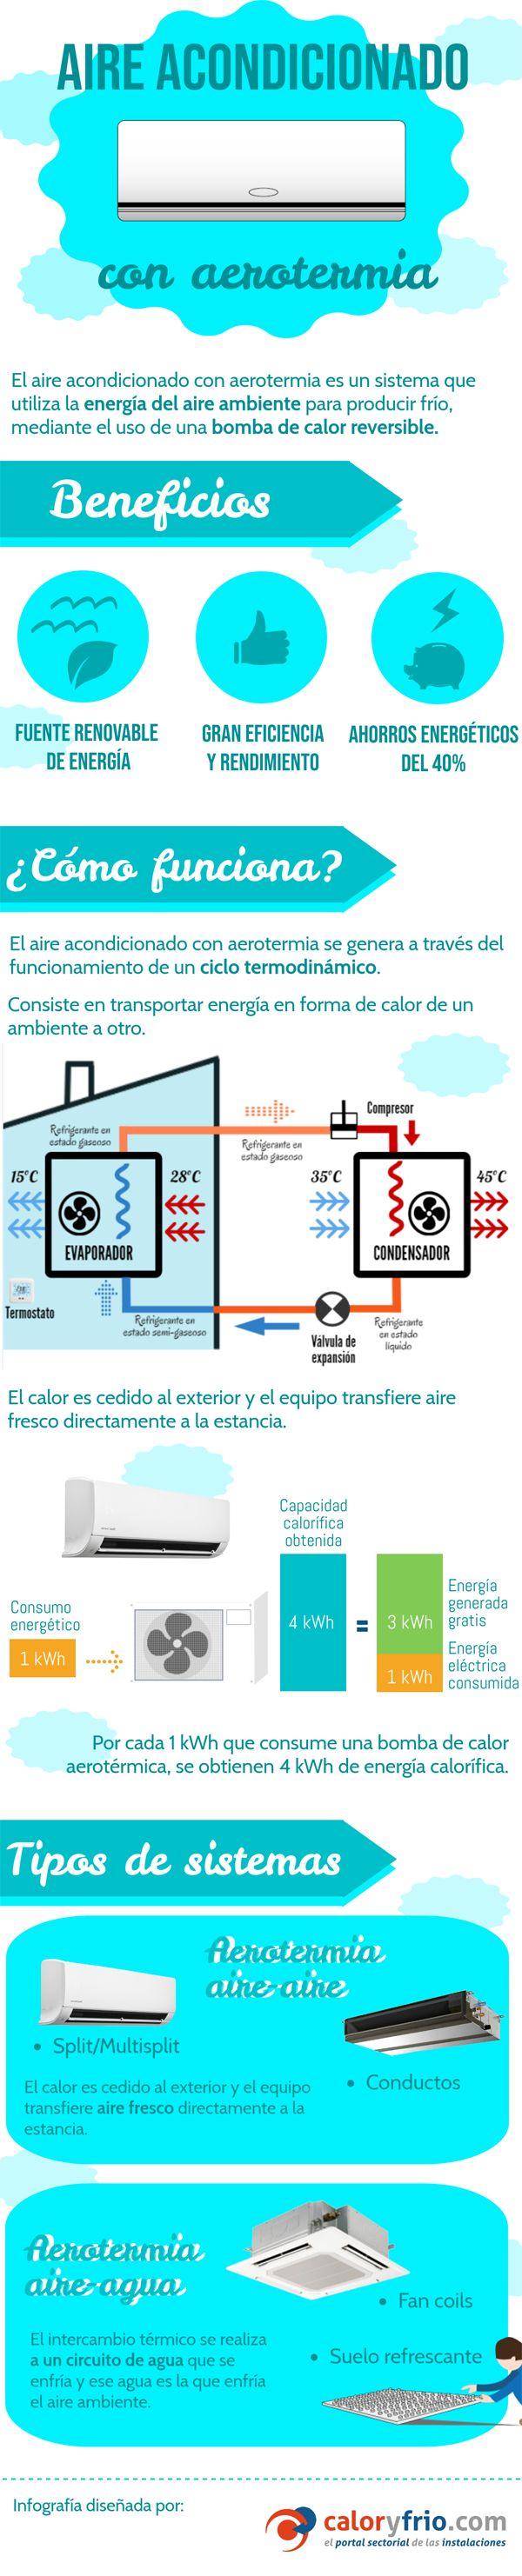 Aire acondicionado con aerotermia ¿Qué es y cómo funciona